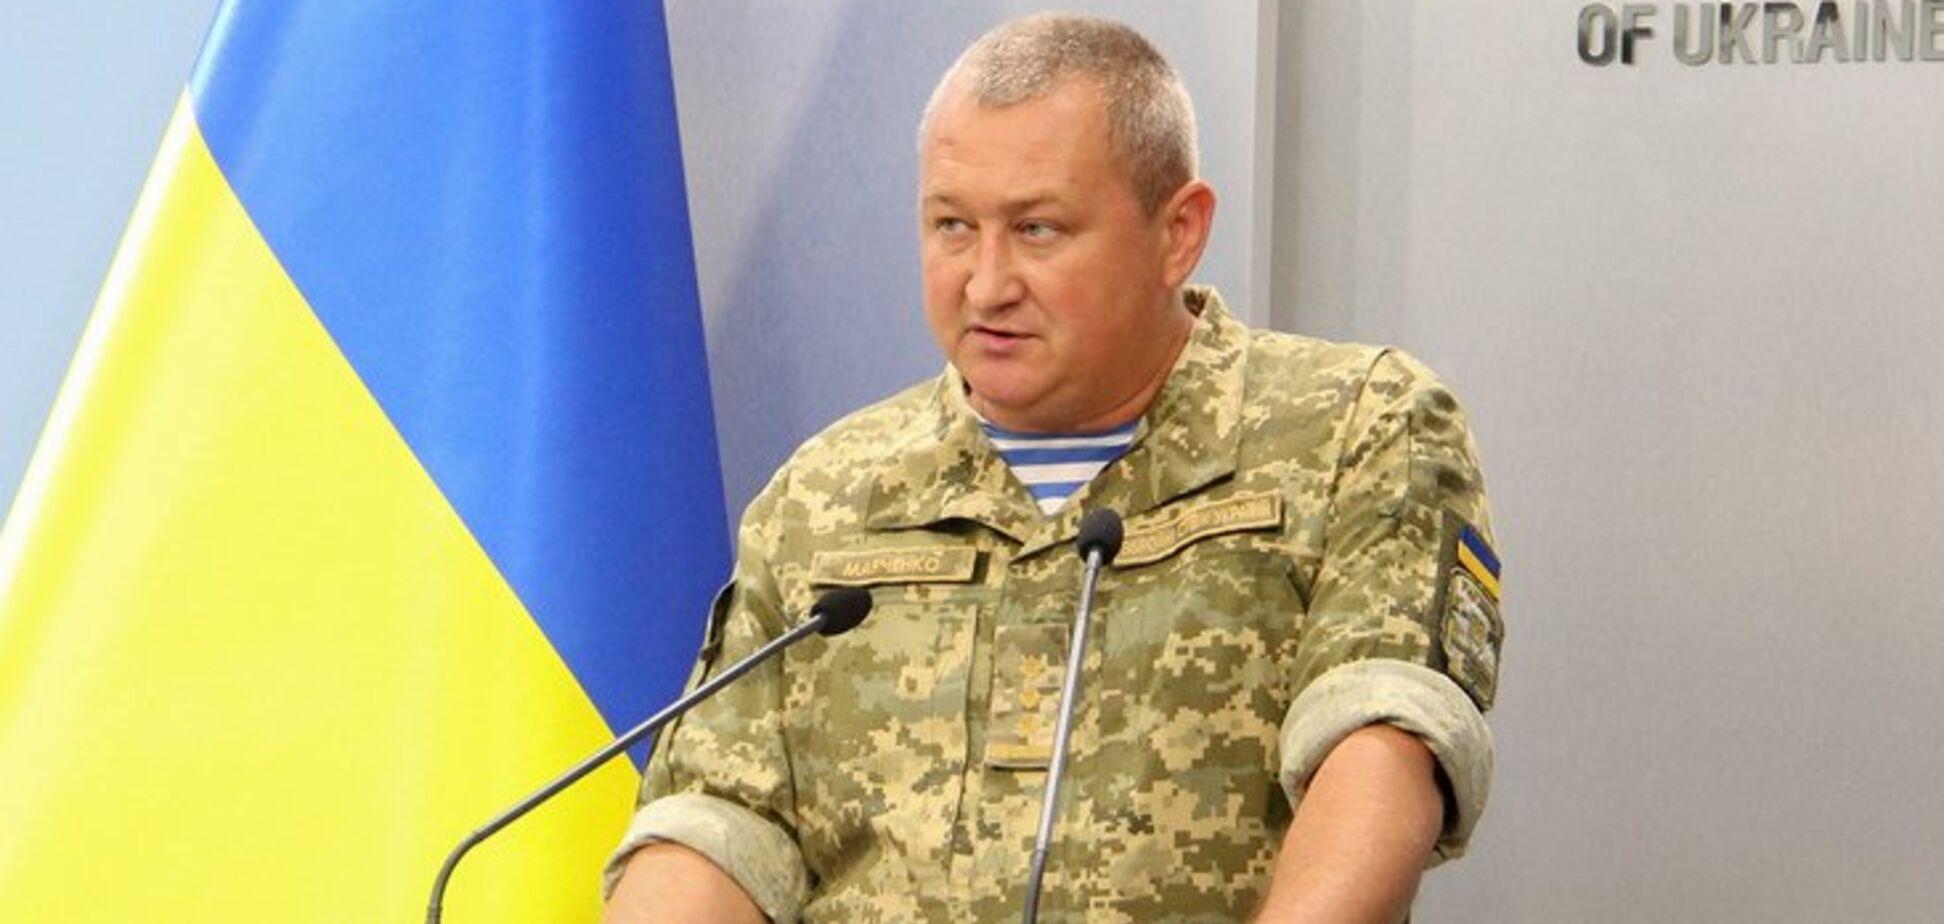 'П*дарас і с*ка': після суду над Марченком трапилася сутичка з прокурорами. Відео 18+